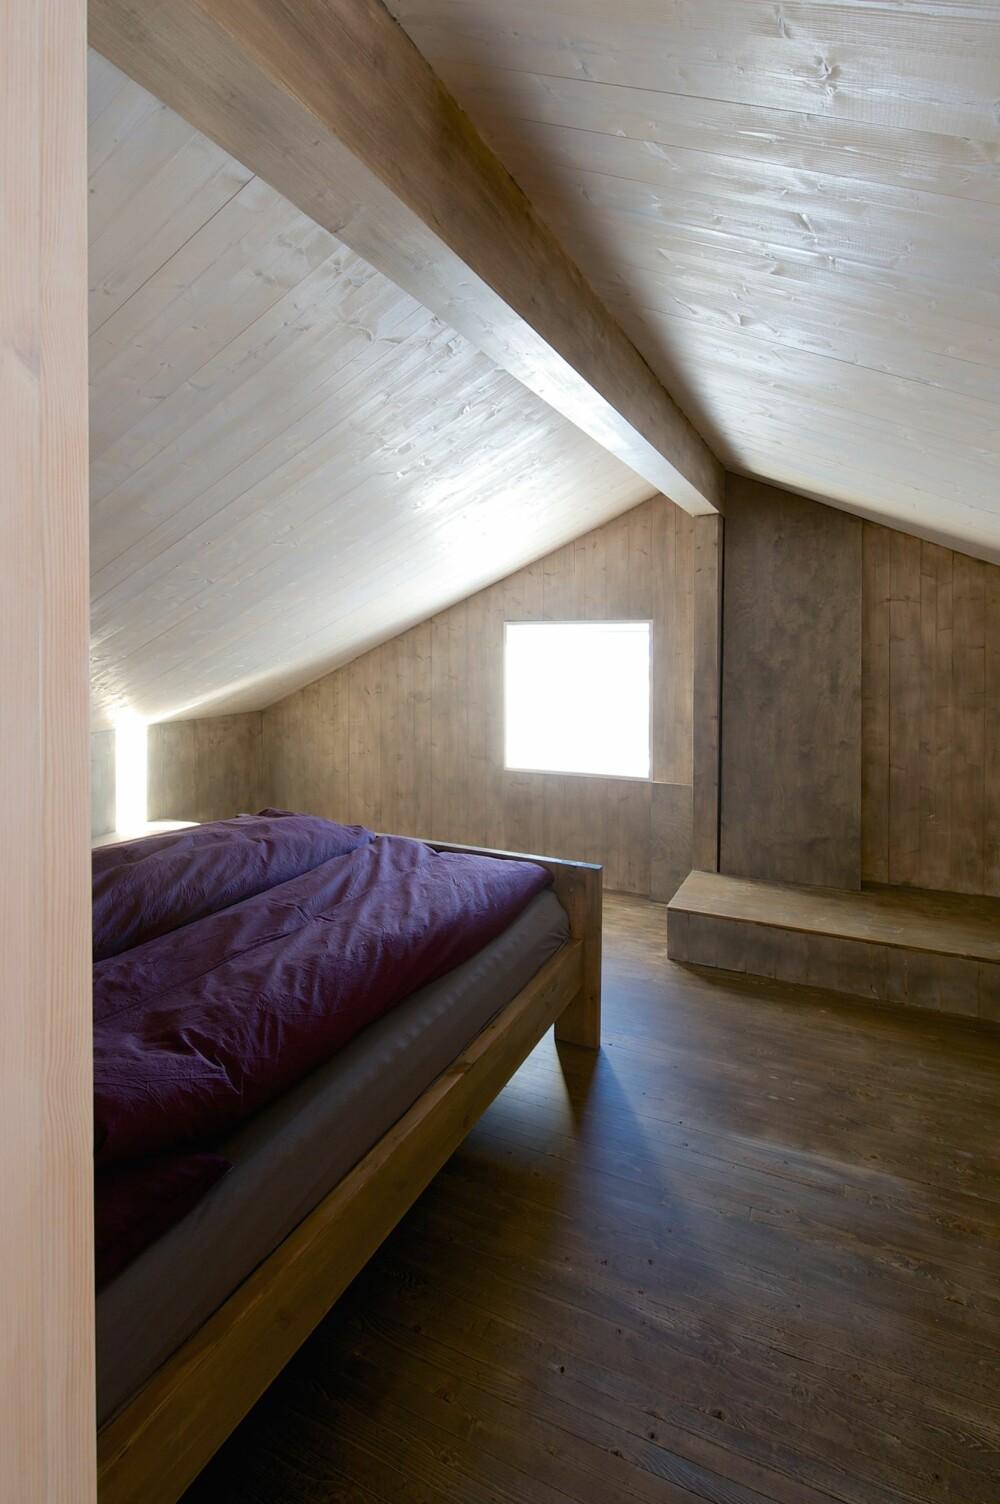 SNART SOVEROM: Dette soverommet i annen etasje er ikke ferdig innredet, men bildet gir likevel et inntrykk av hvor solide og glatte innervegger og tak i en moderne heltrebygning blir.